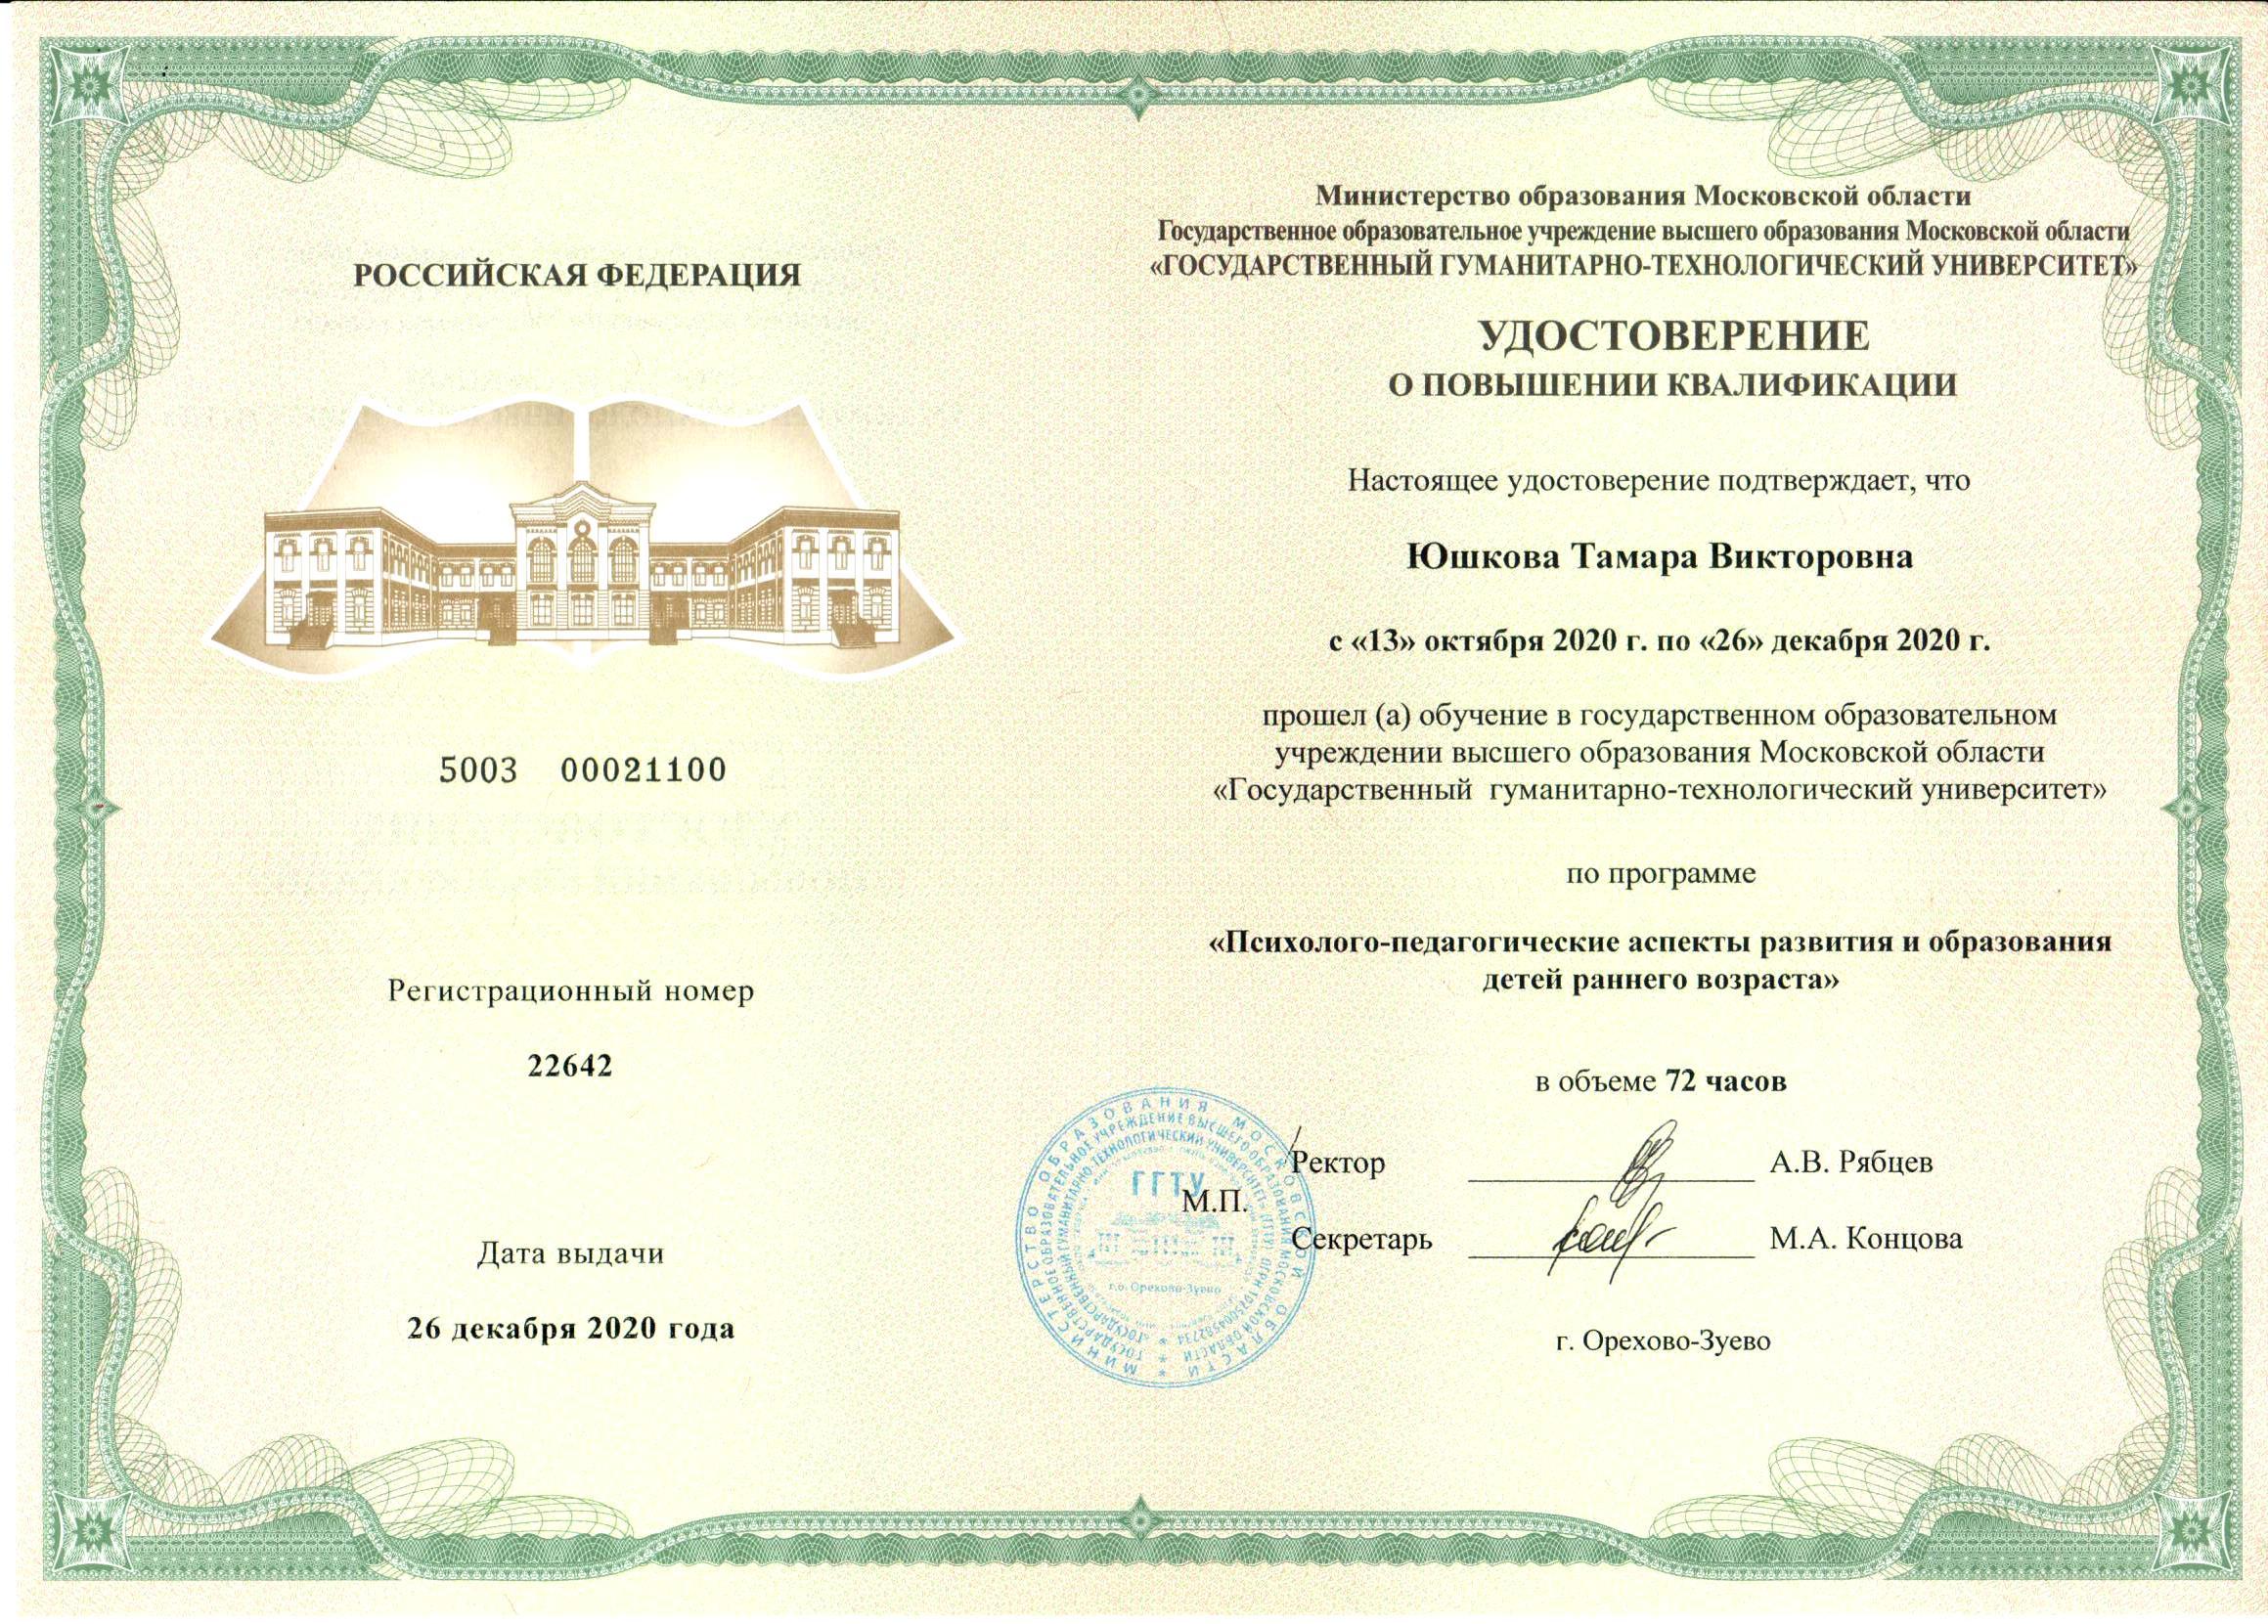 KPK-Yushkova-2020-panniy-vozrast